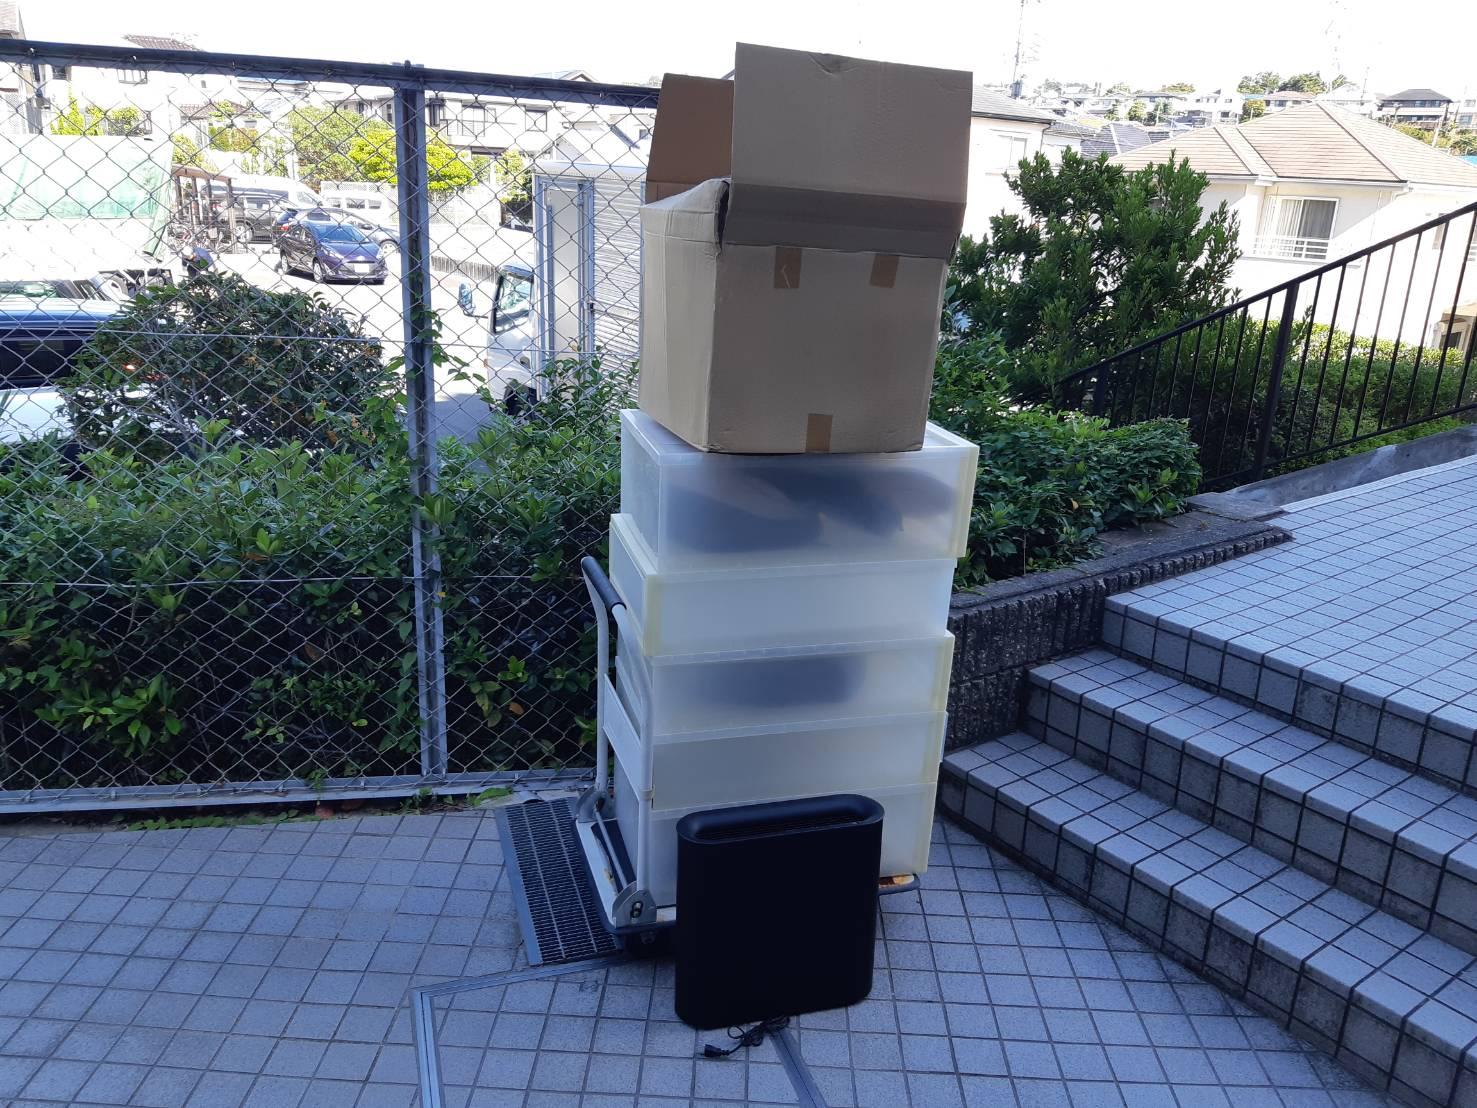 収納ボックス、加湿器の回収前